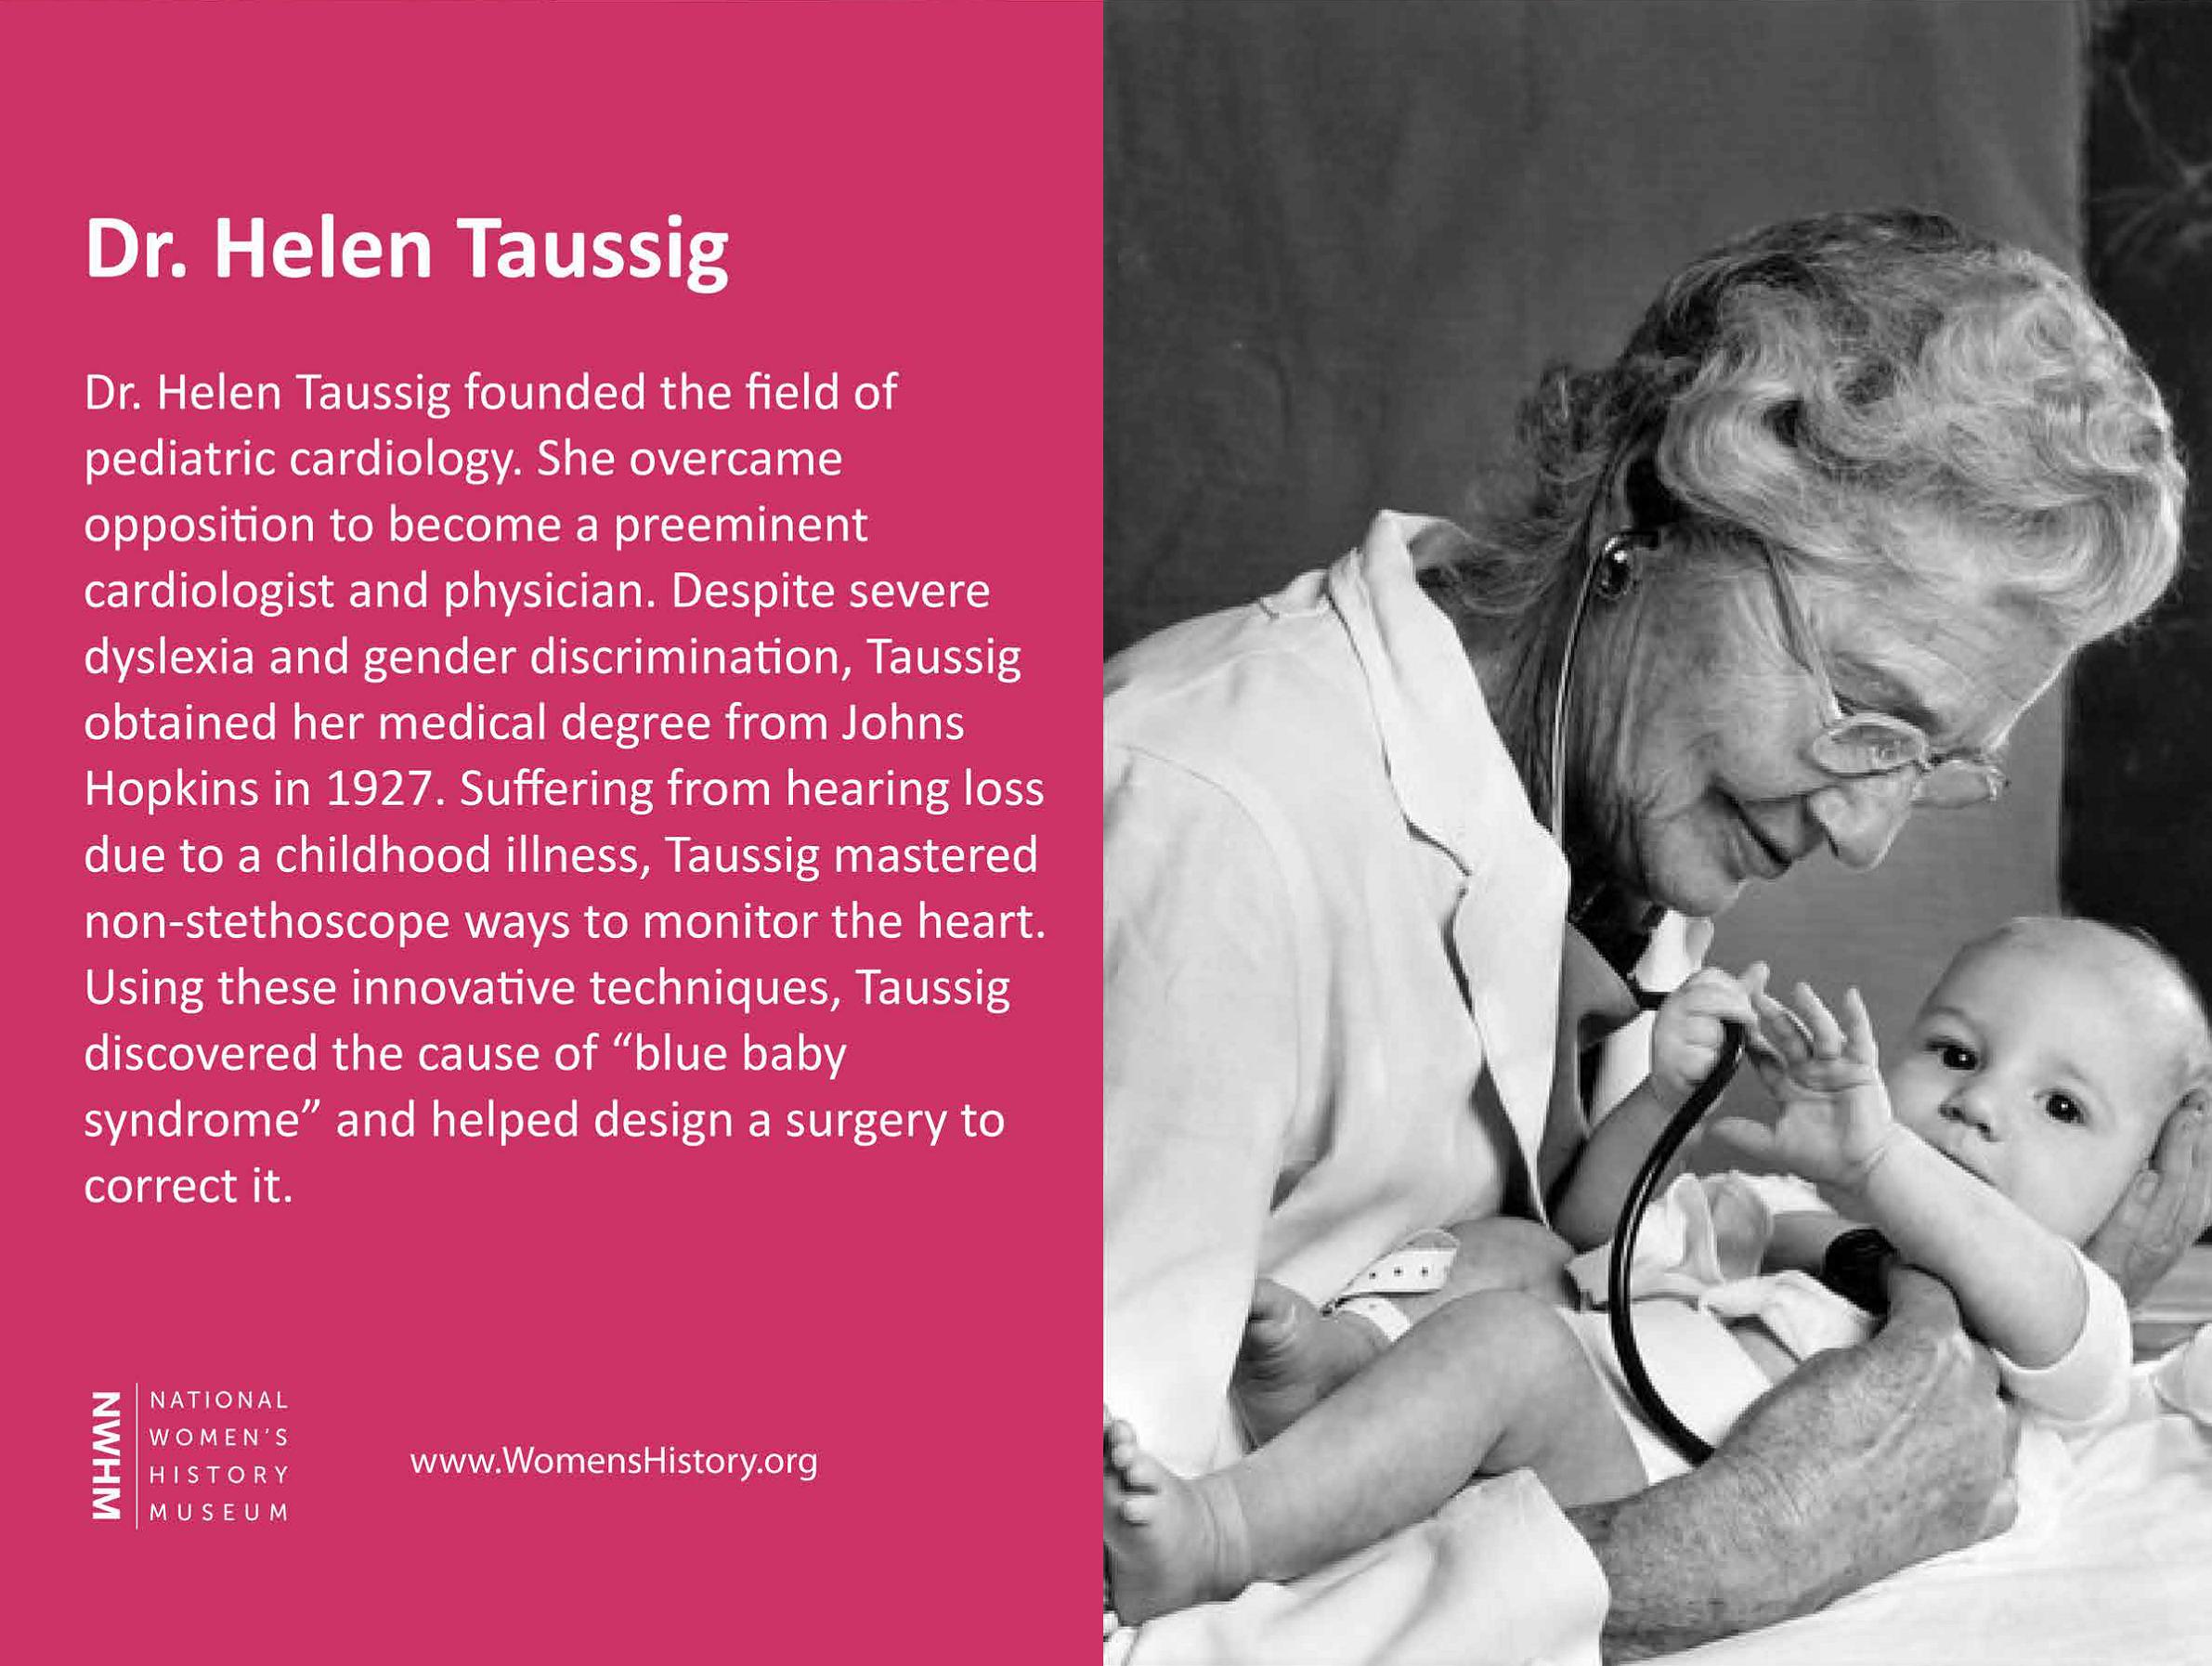 Dr. Helen Taussig